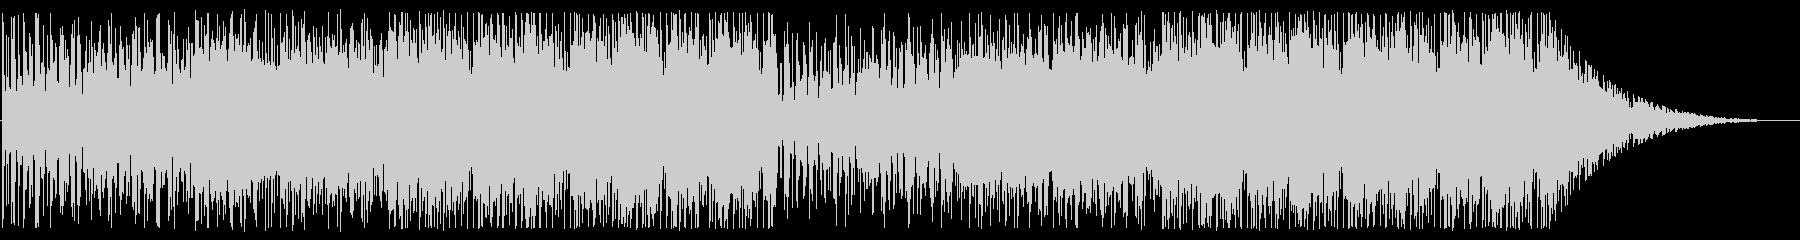 開放的/宇宙/エレクトロ_No602_1の未再生の波形